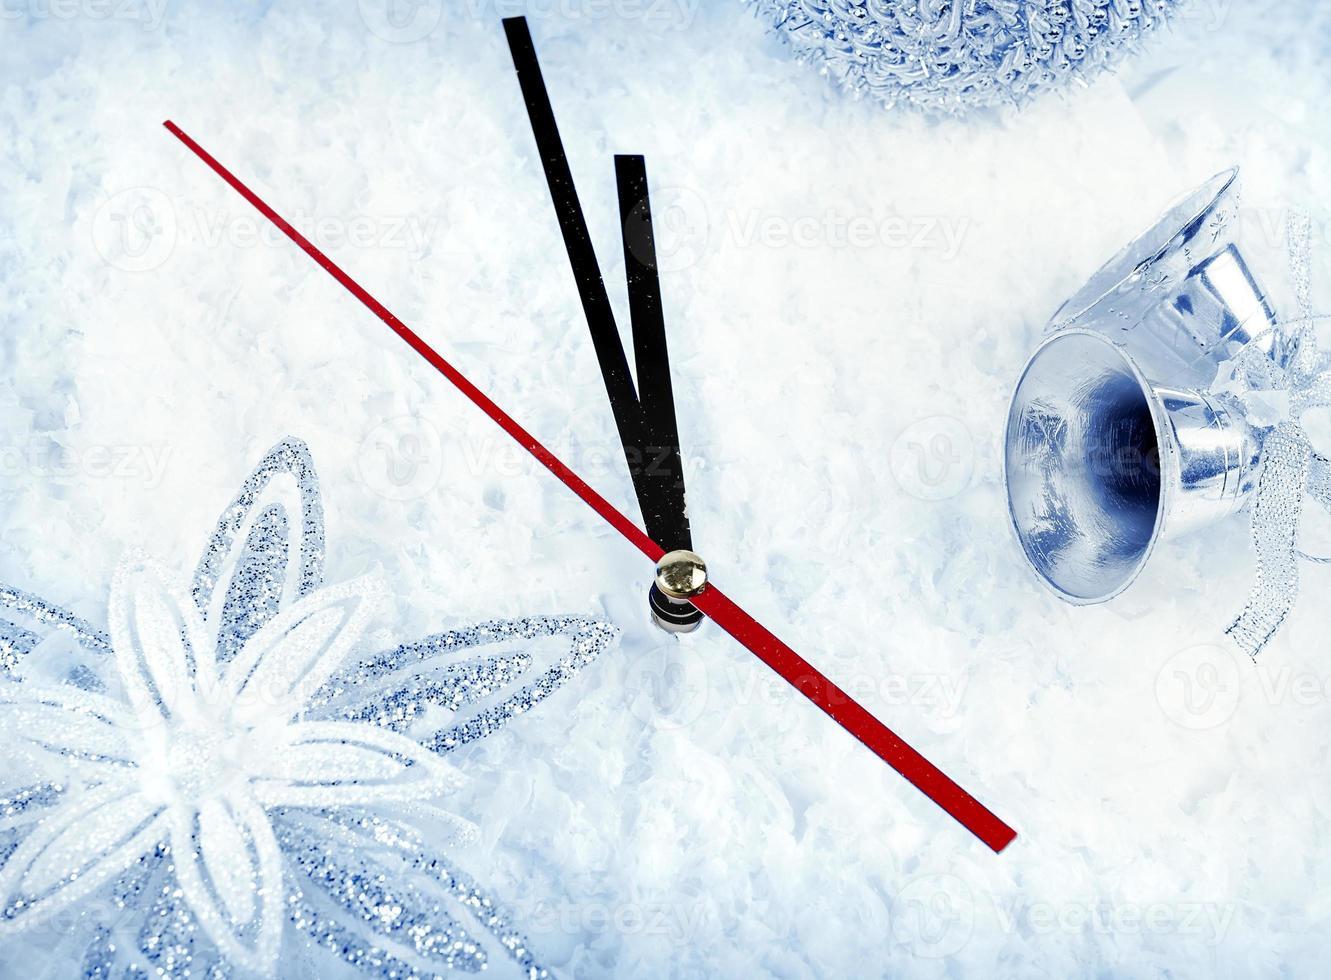 reloj con ramas de abeto y adornos navideños bajo nieve clo foto